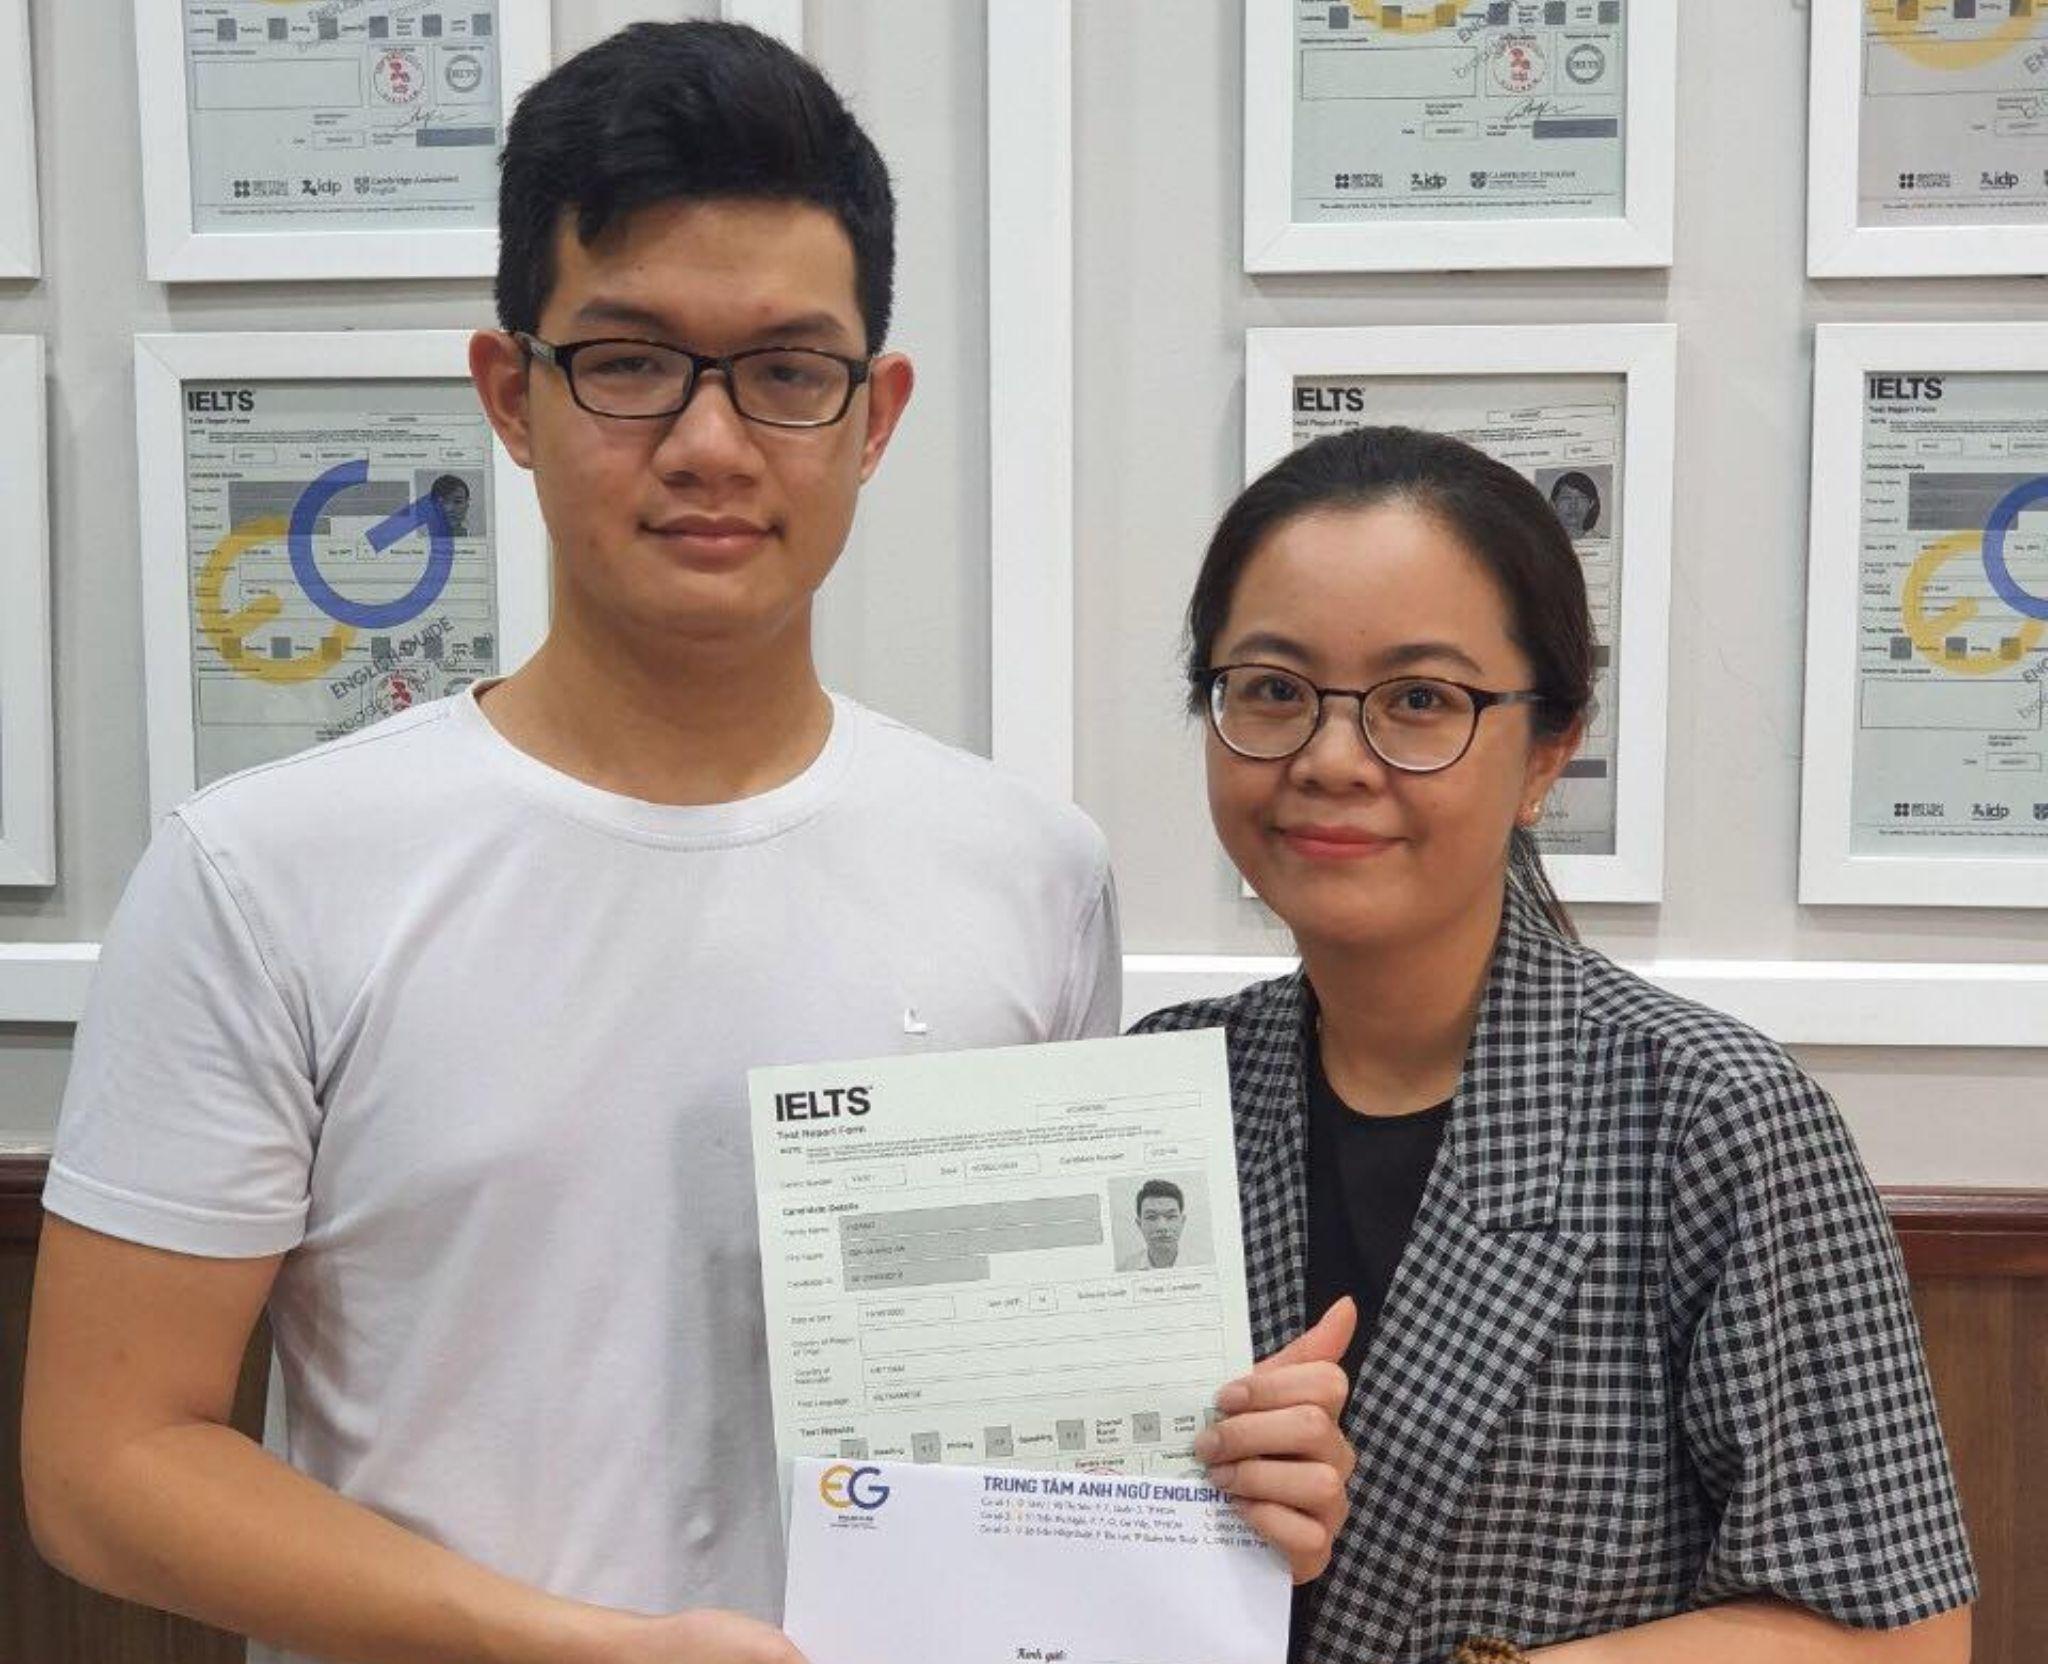 Học viên Hoàng Gia Quang An – 6.5 IELTS